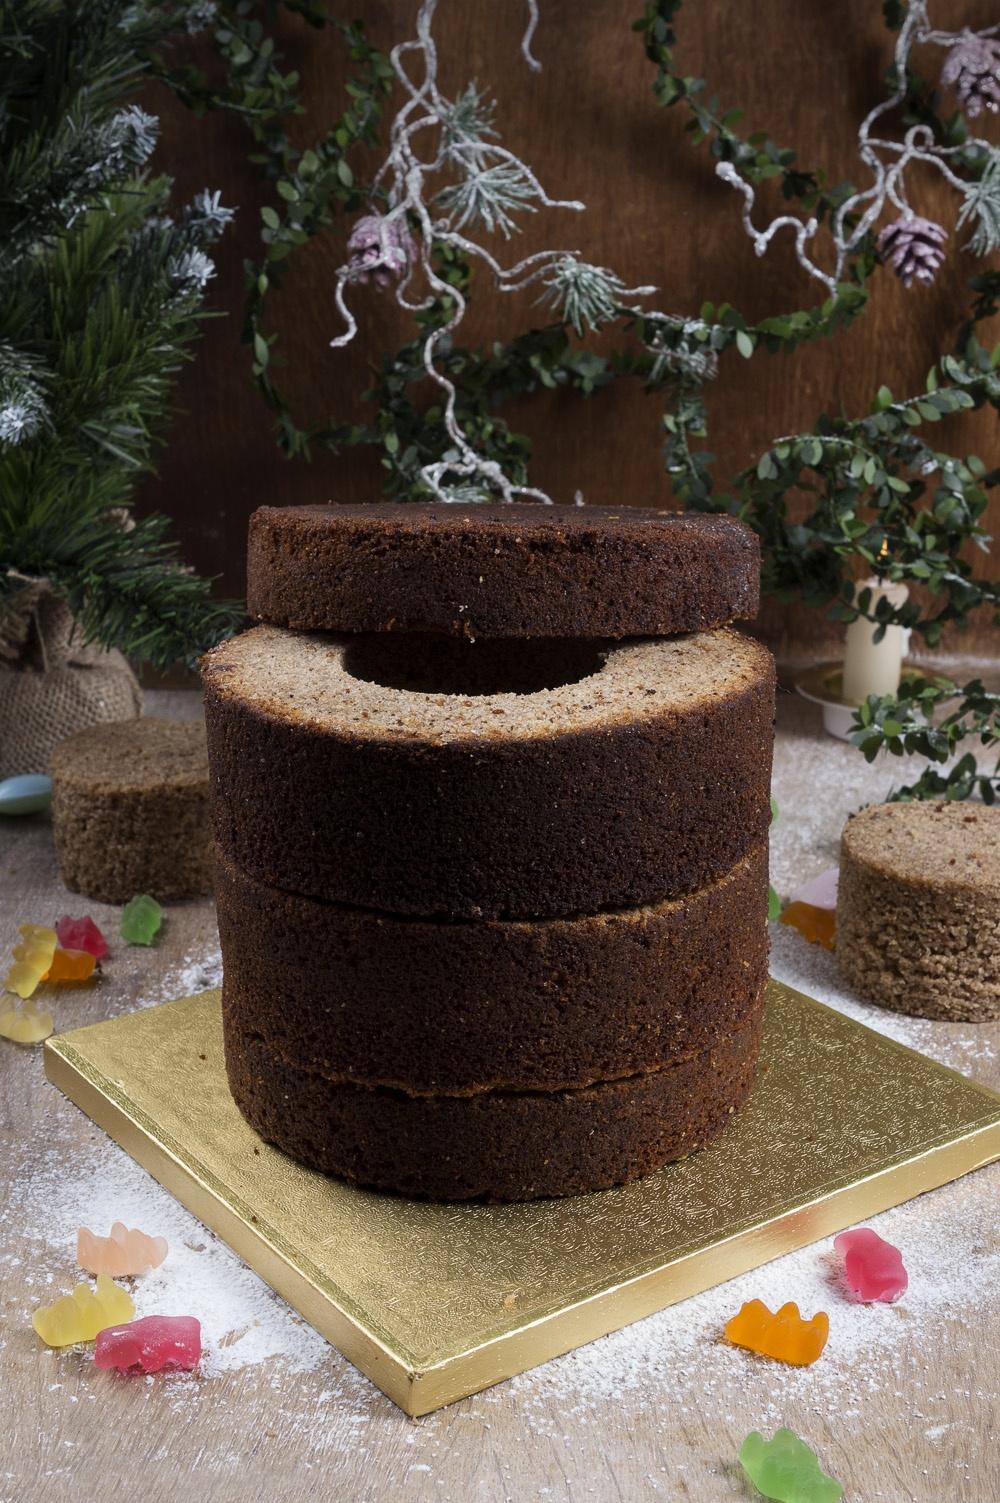 pinata-cake-montage-qui-a-vole-les-tartes-pour-feerie-cake-studio-de-creation